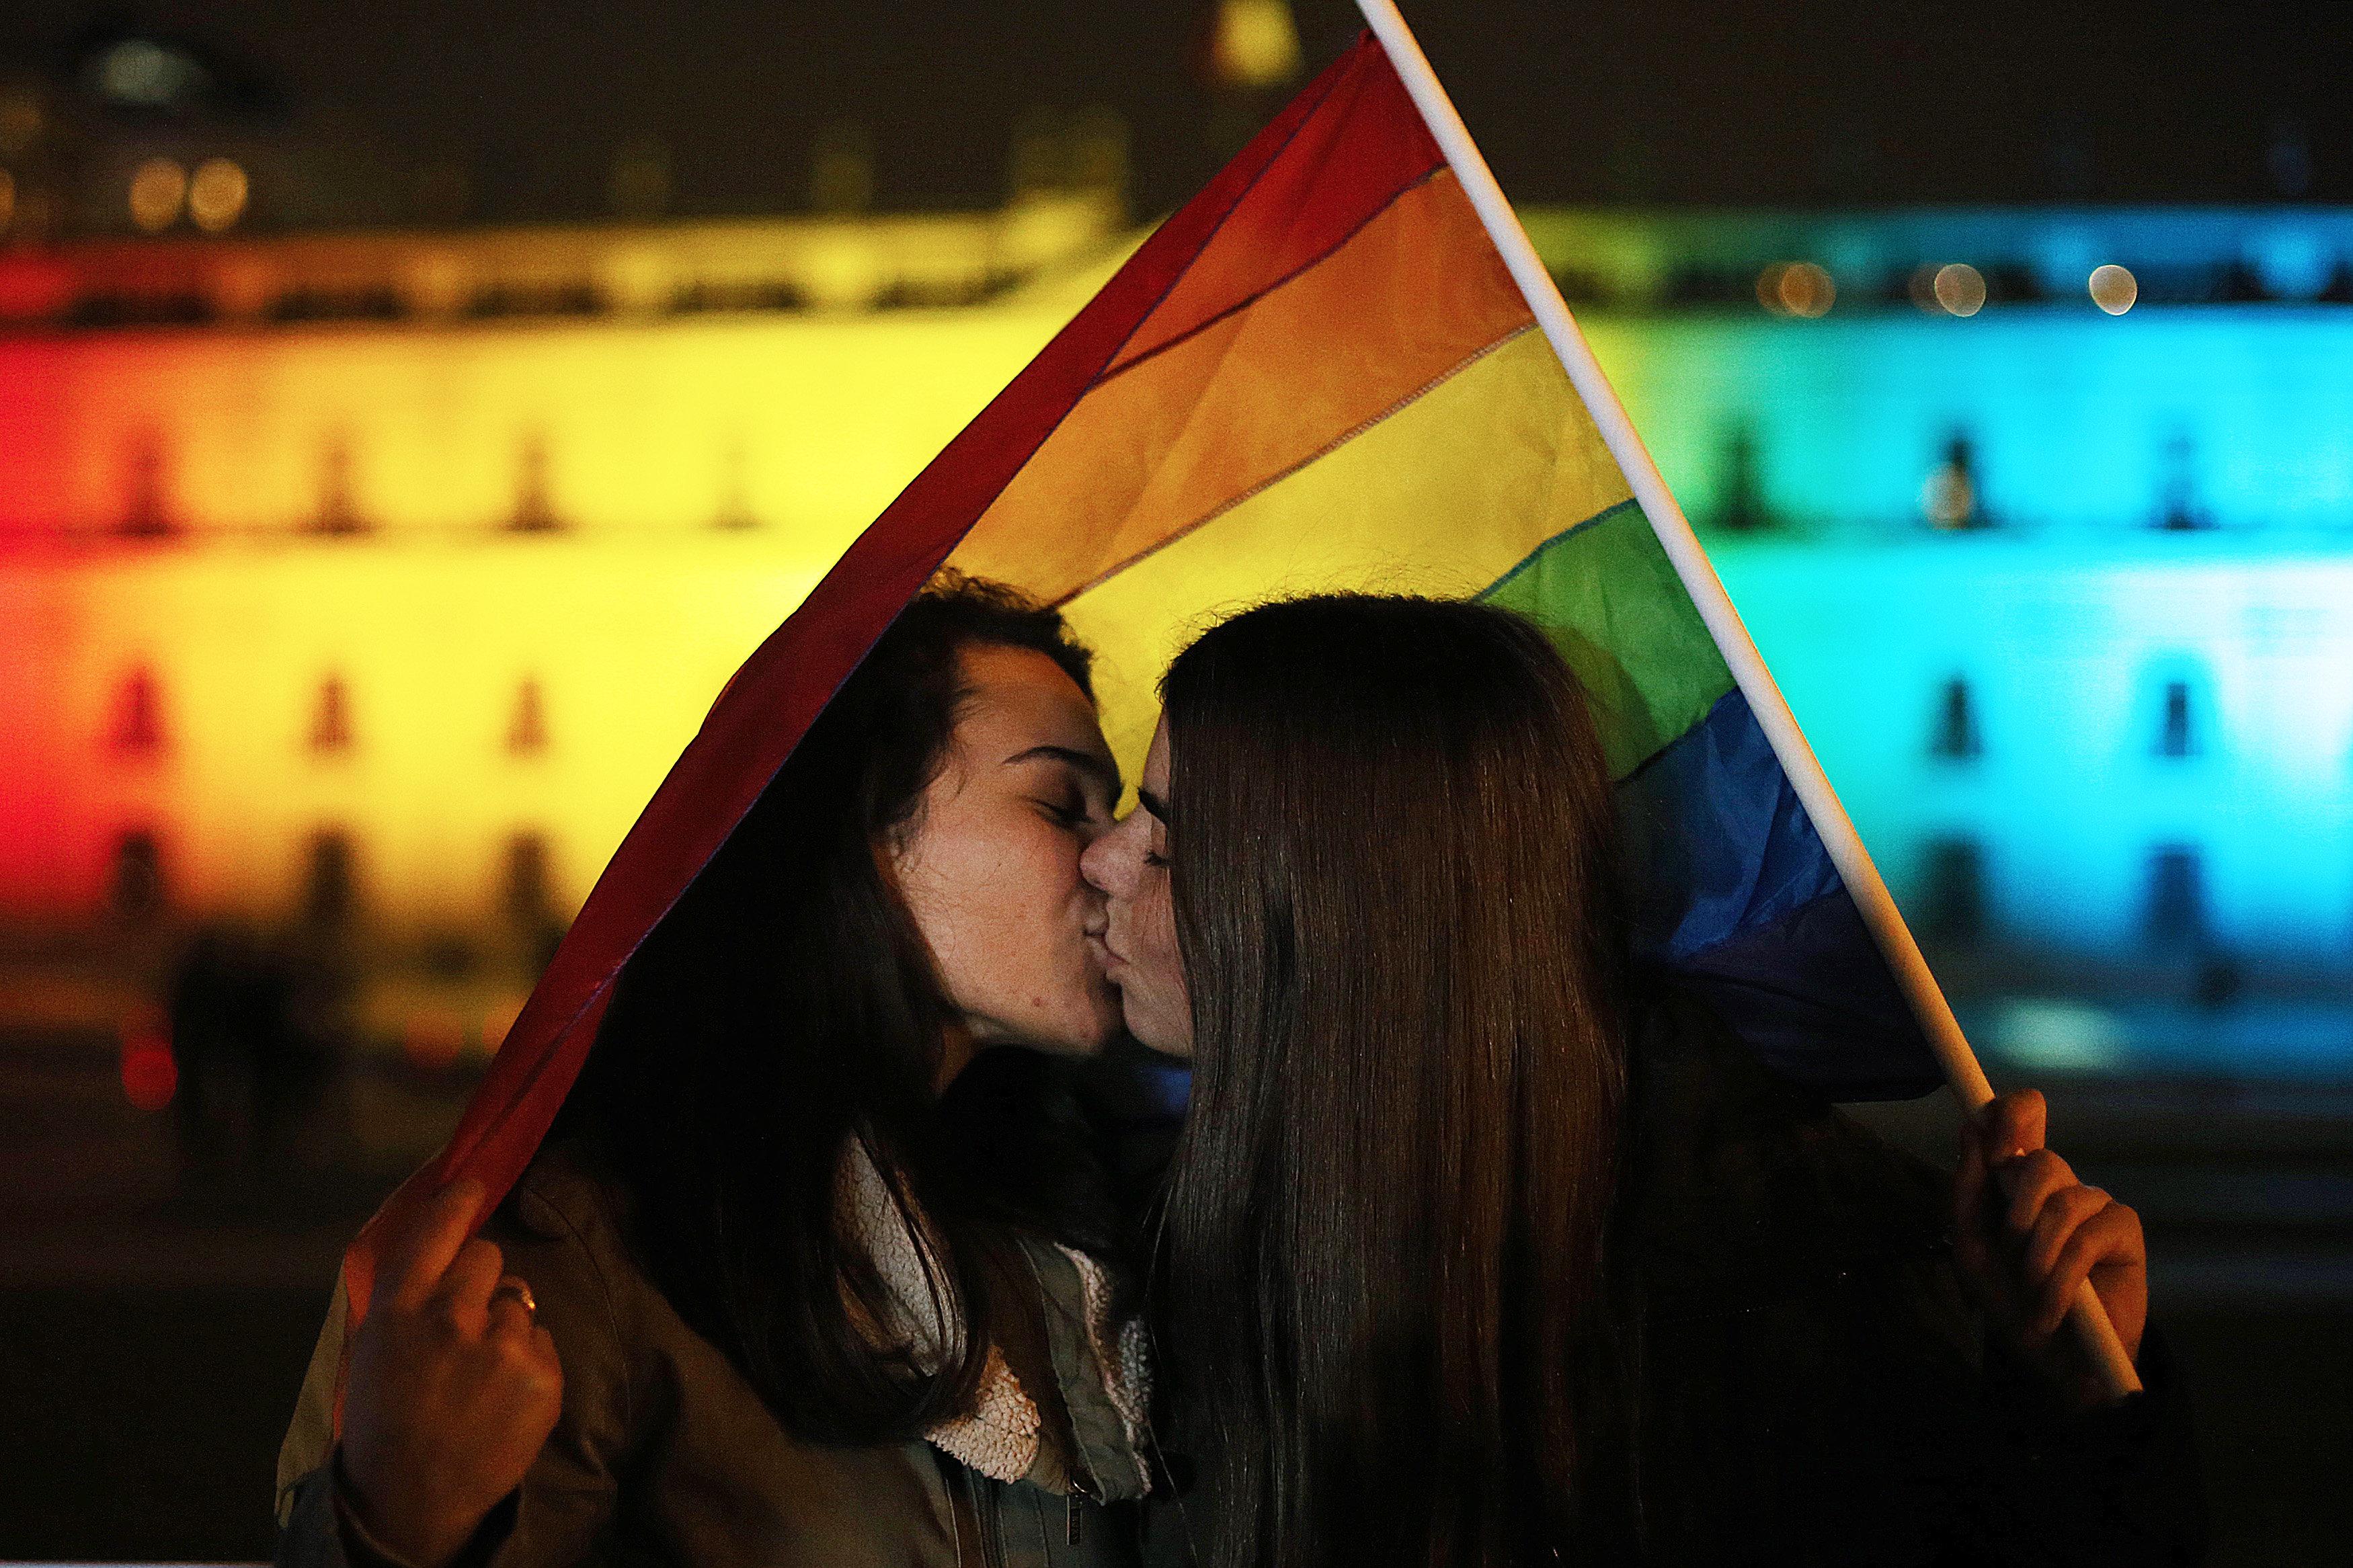 Dues dones es besen davant el Palau de la Moneda, il·luminat amb els colors de l'arc de Sant Martí a Santiago (Xile). /MARIO RUIZ